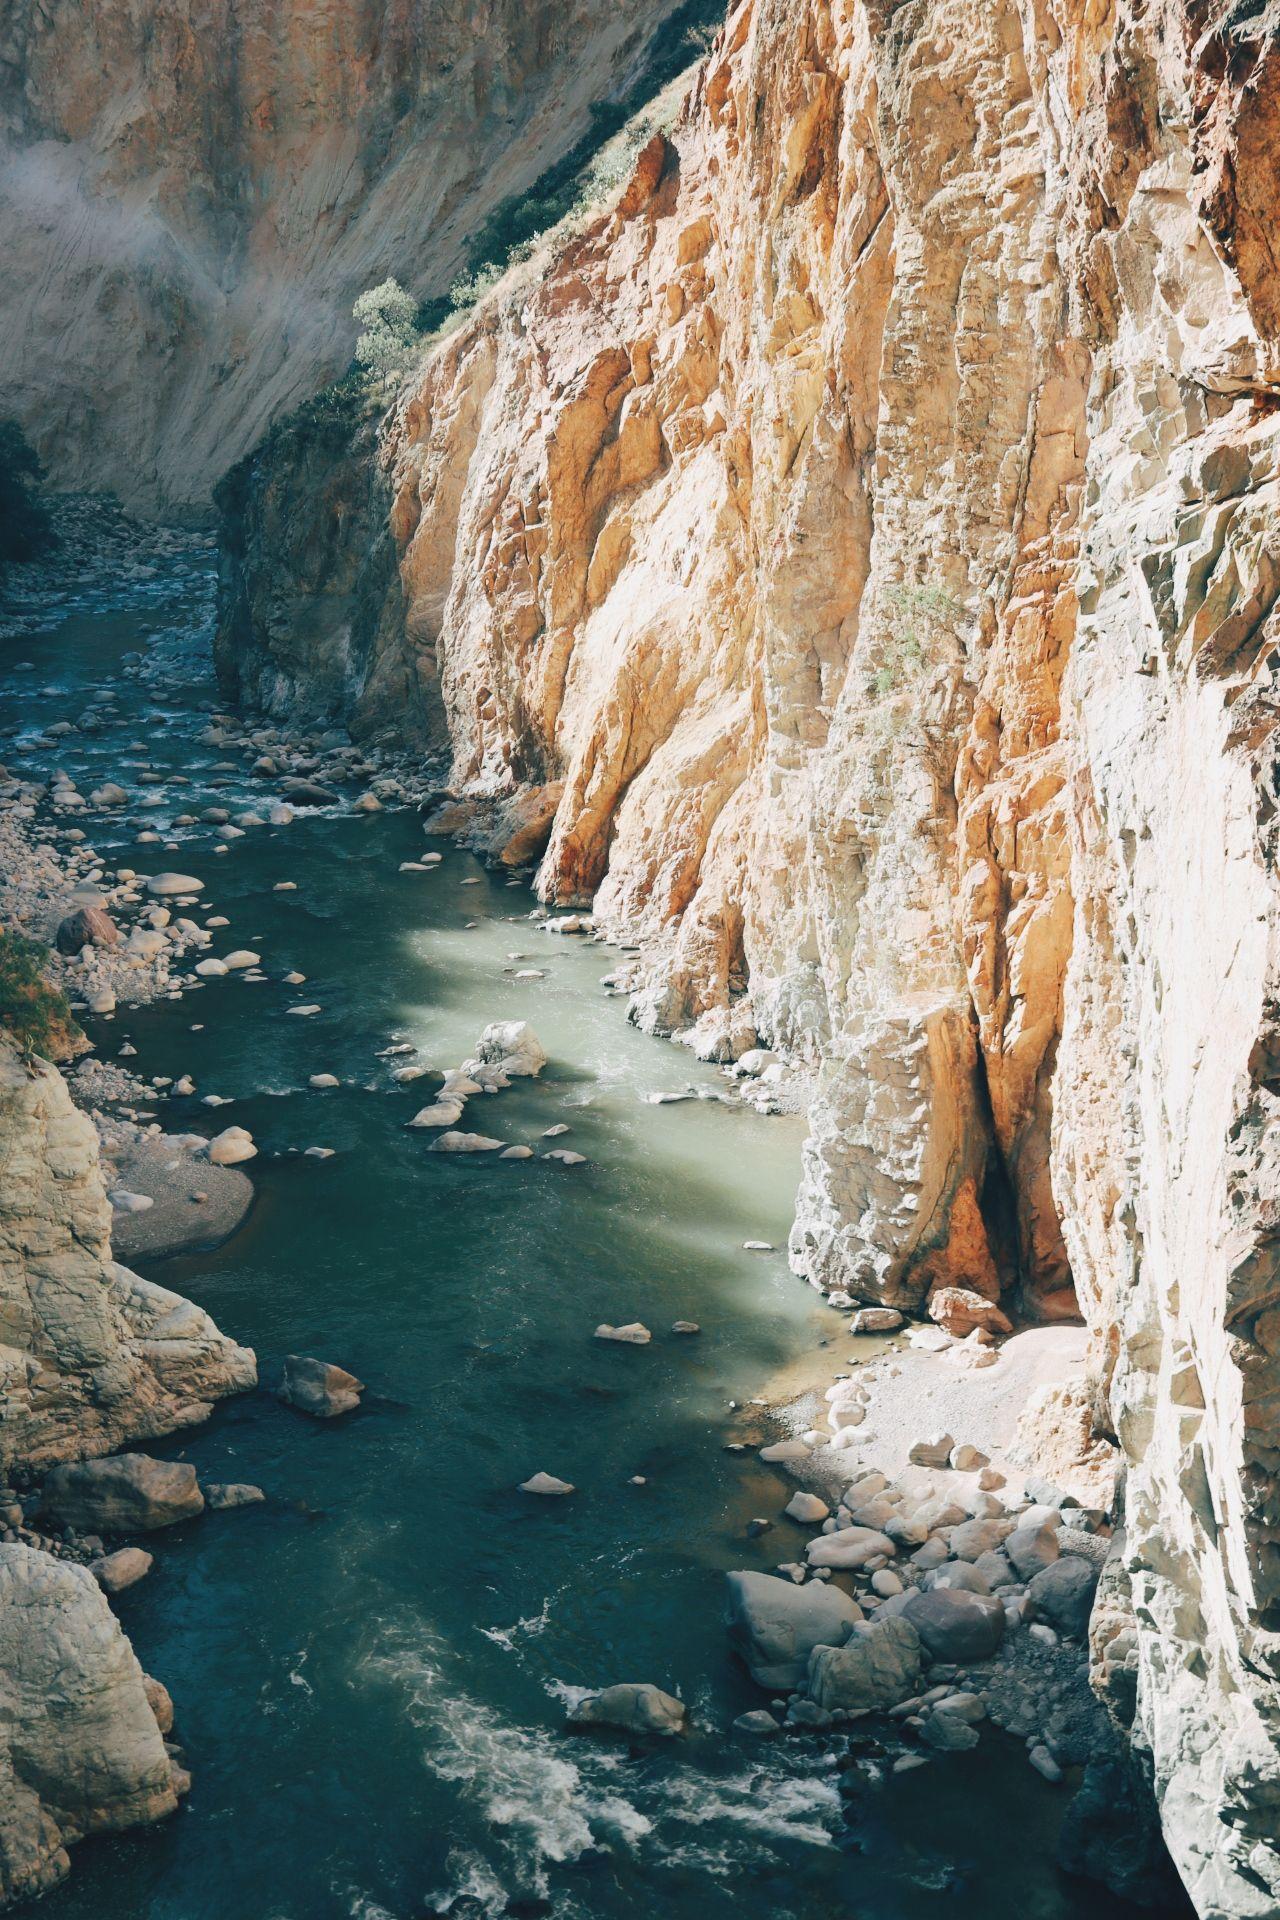 Le trek dans le canyon de Colca, l'un des canyons les plus profonds au monde, est sans doute l'un des treks les plus populaires du Pérou.